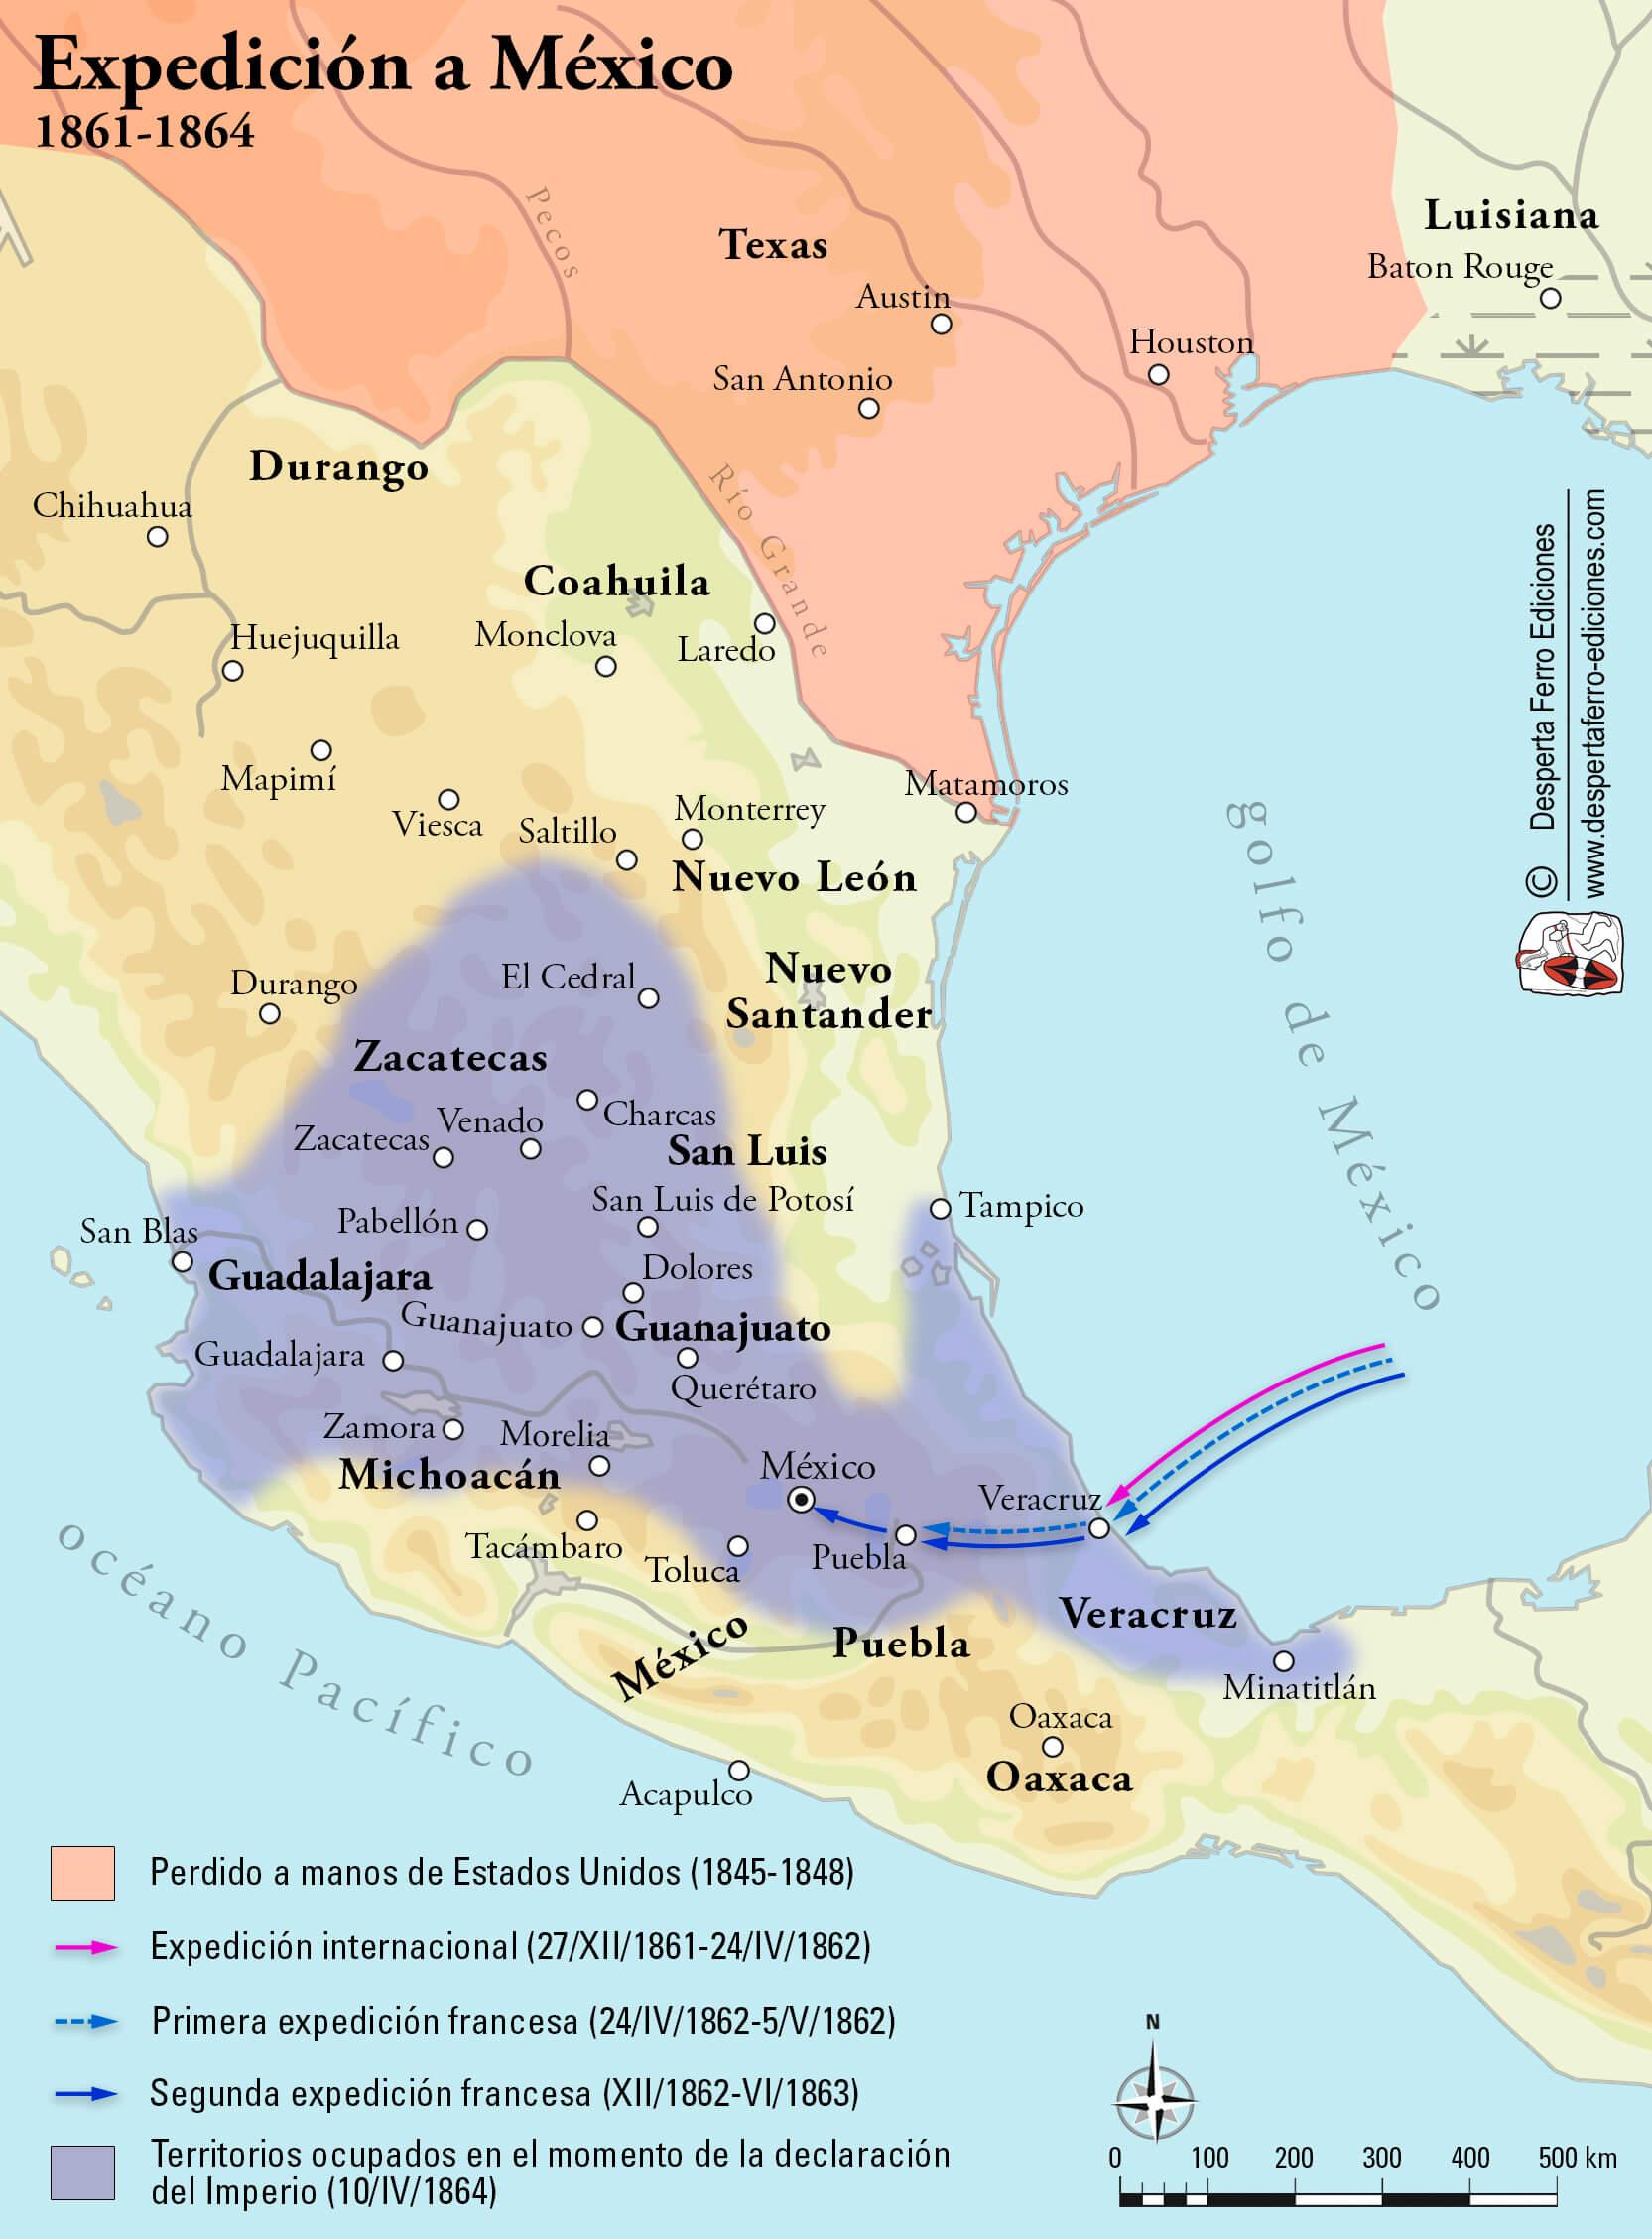 Mapa intervención francesa México Maximiliano I